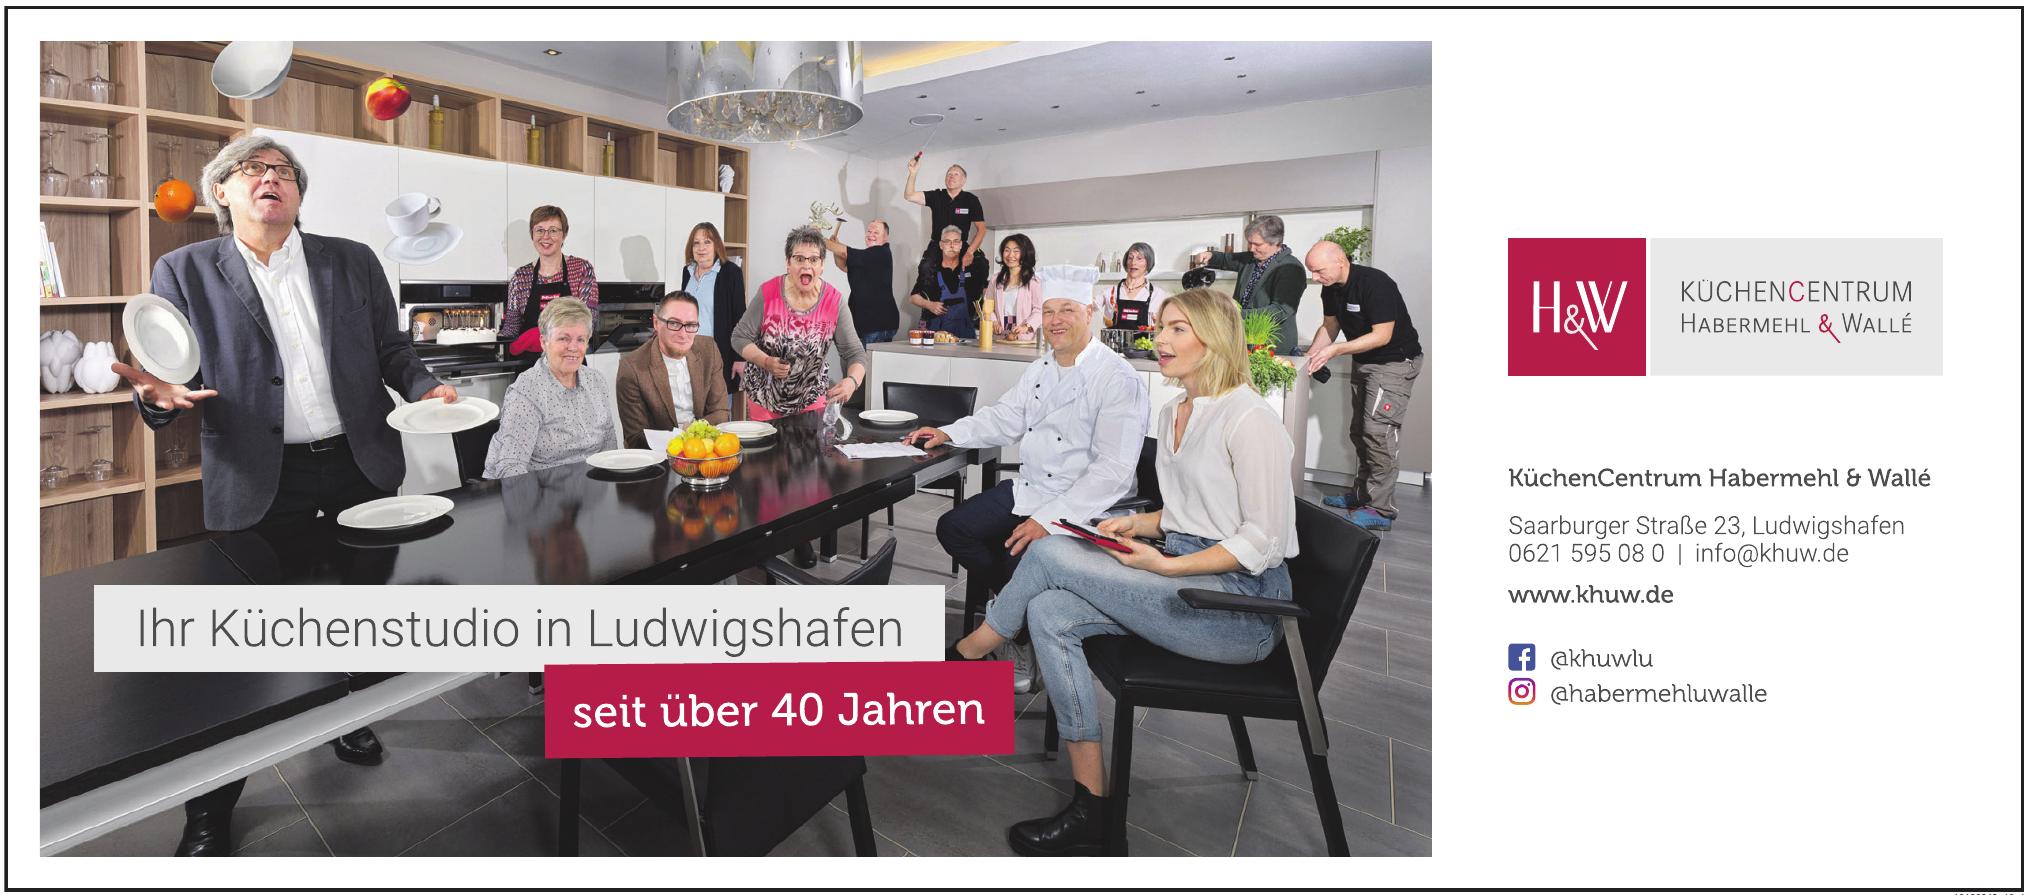 KüchenCentrum Habermehl & Wallé